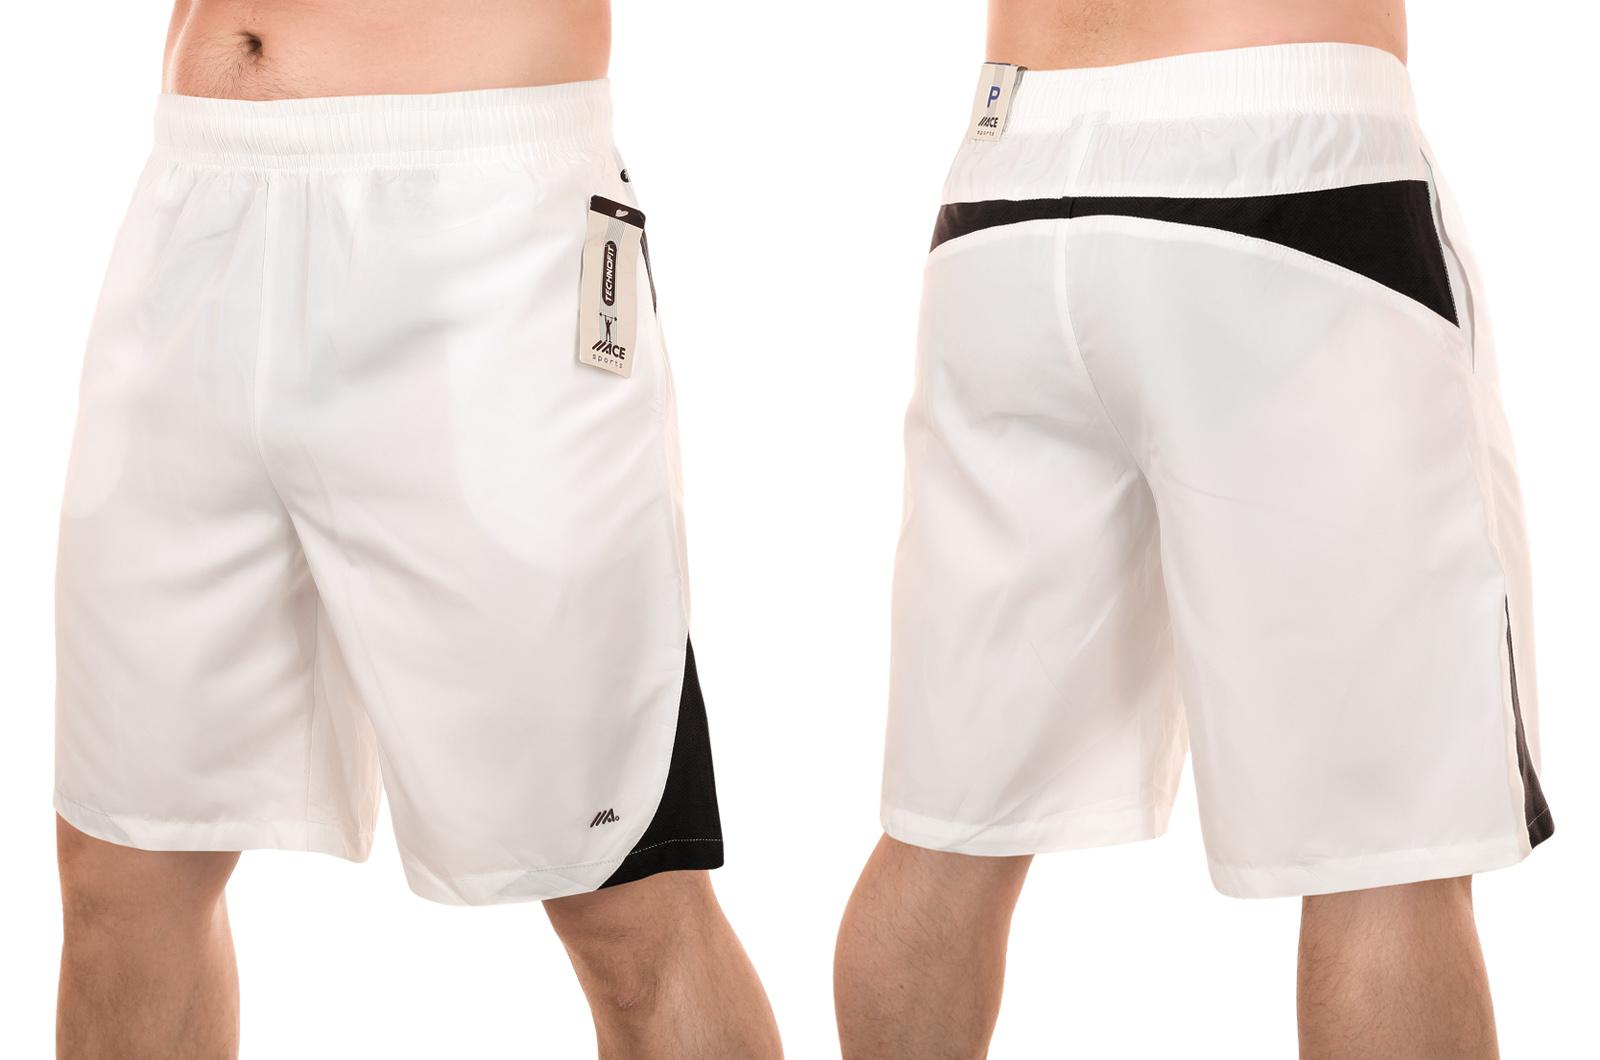 Заказать чёткие шорты в подарок брательнику от бренда MACE (Канада)